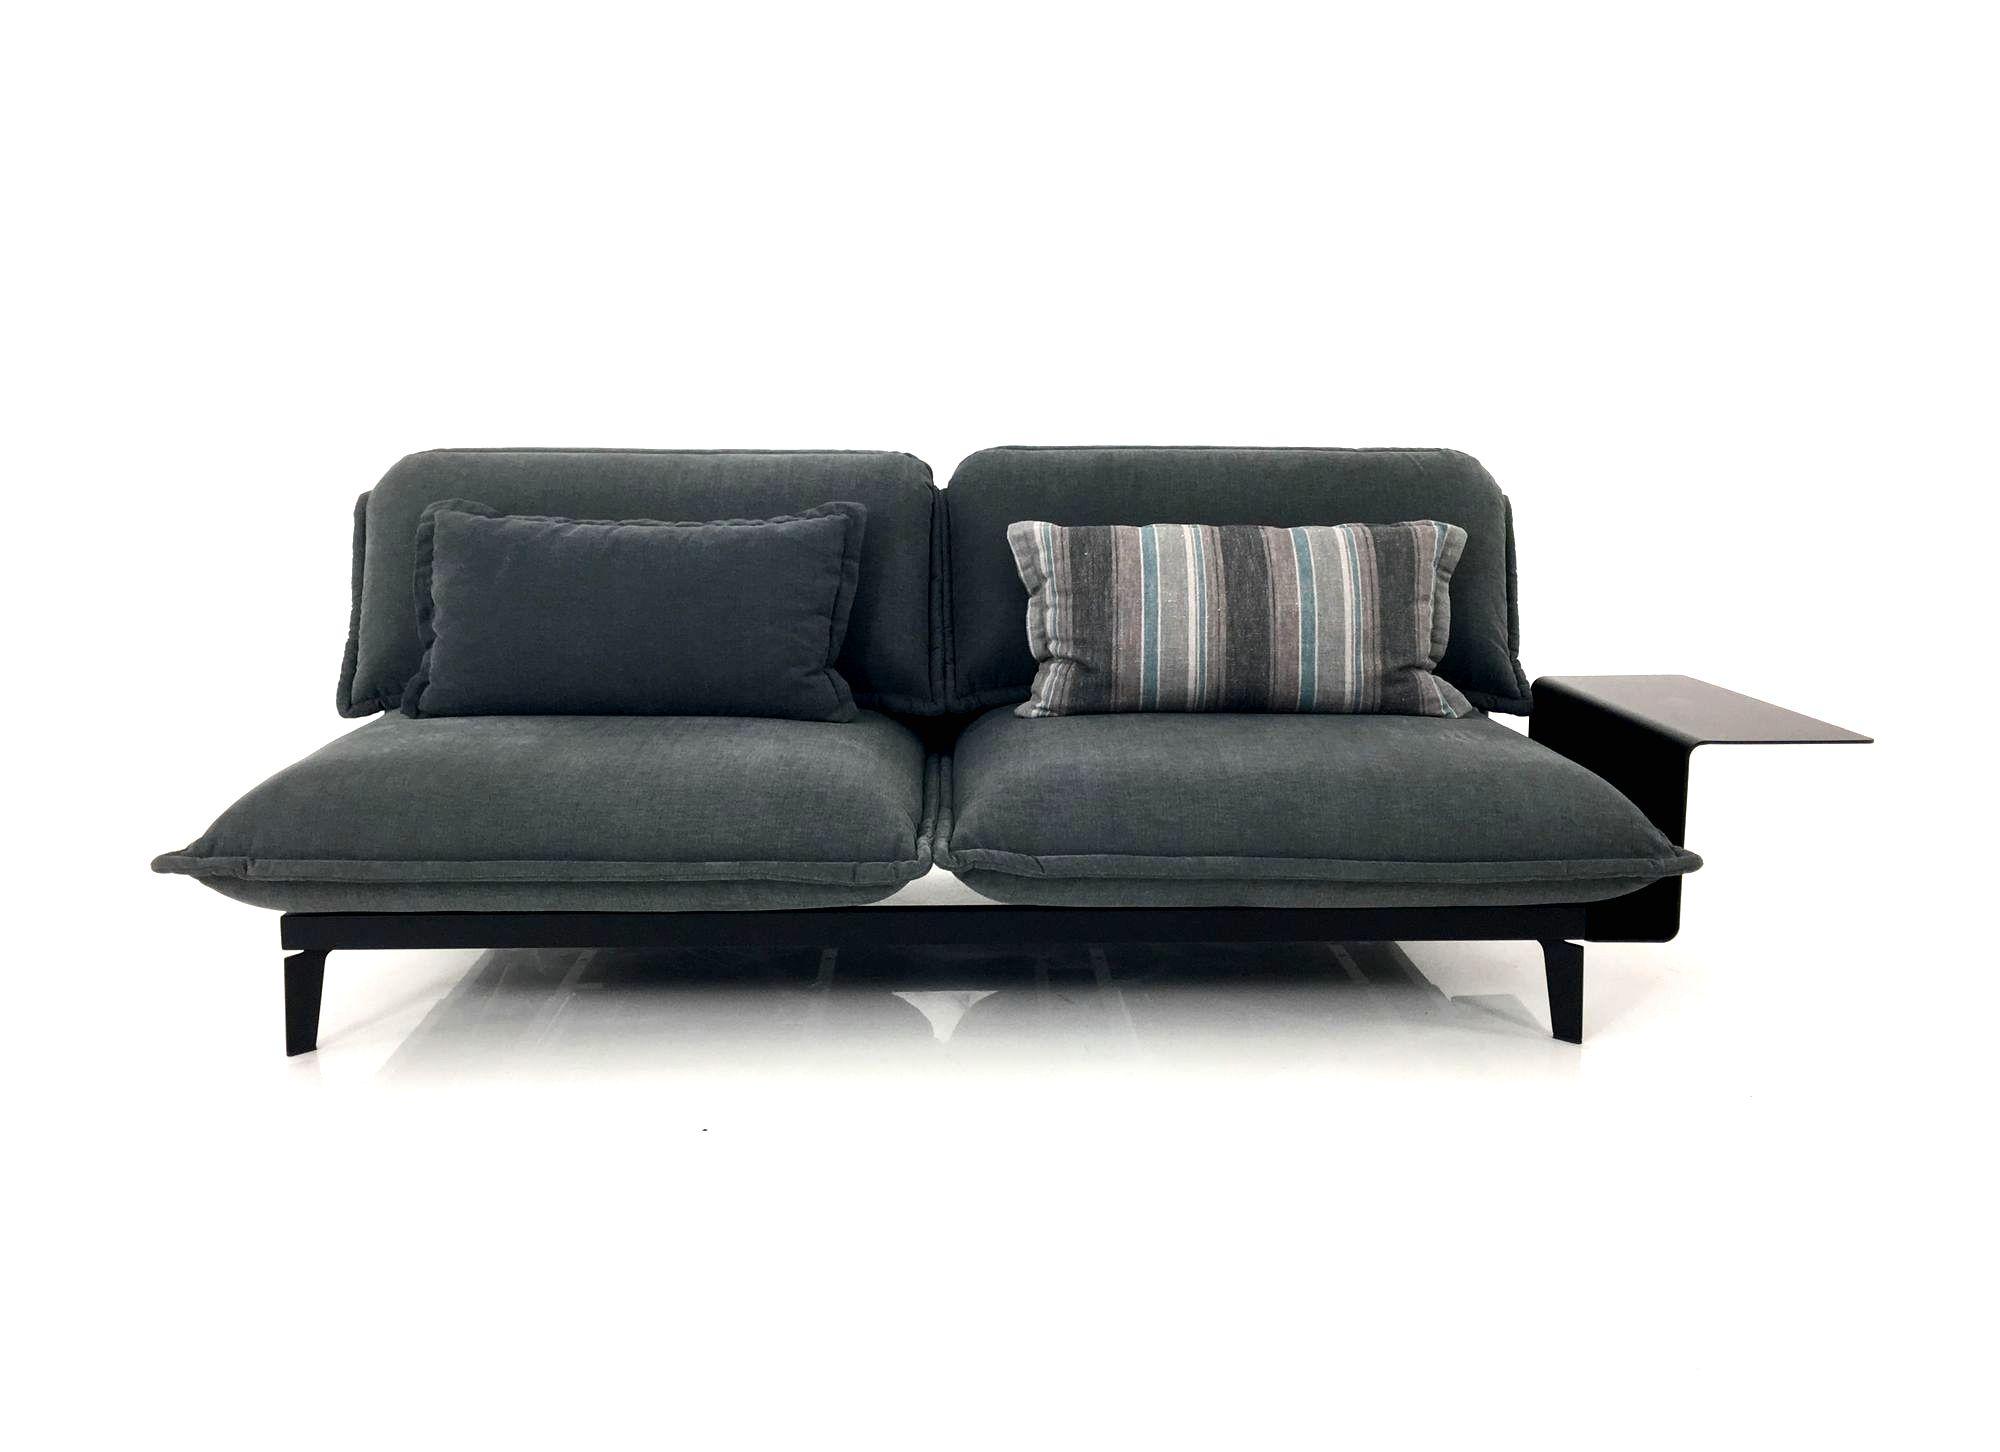 100 rolf benz nova sofas sofa rolf benz nova drifte wohnform rolf benz tondo modular sofa. Black Bedroom Furniture Sets. Home Design Ideas